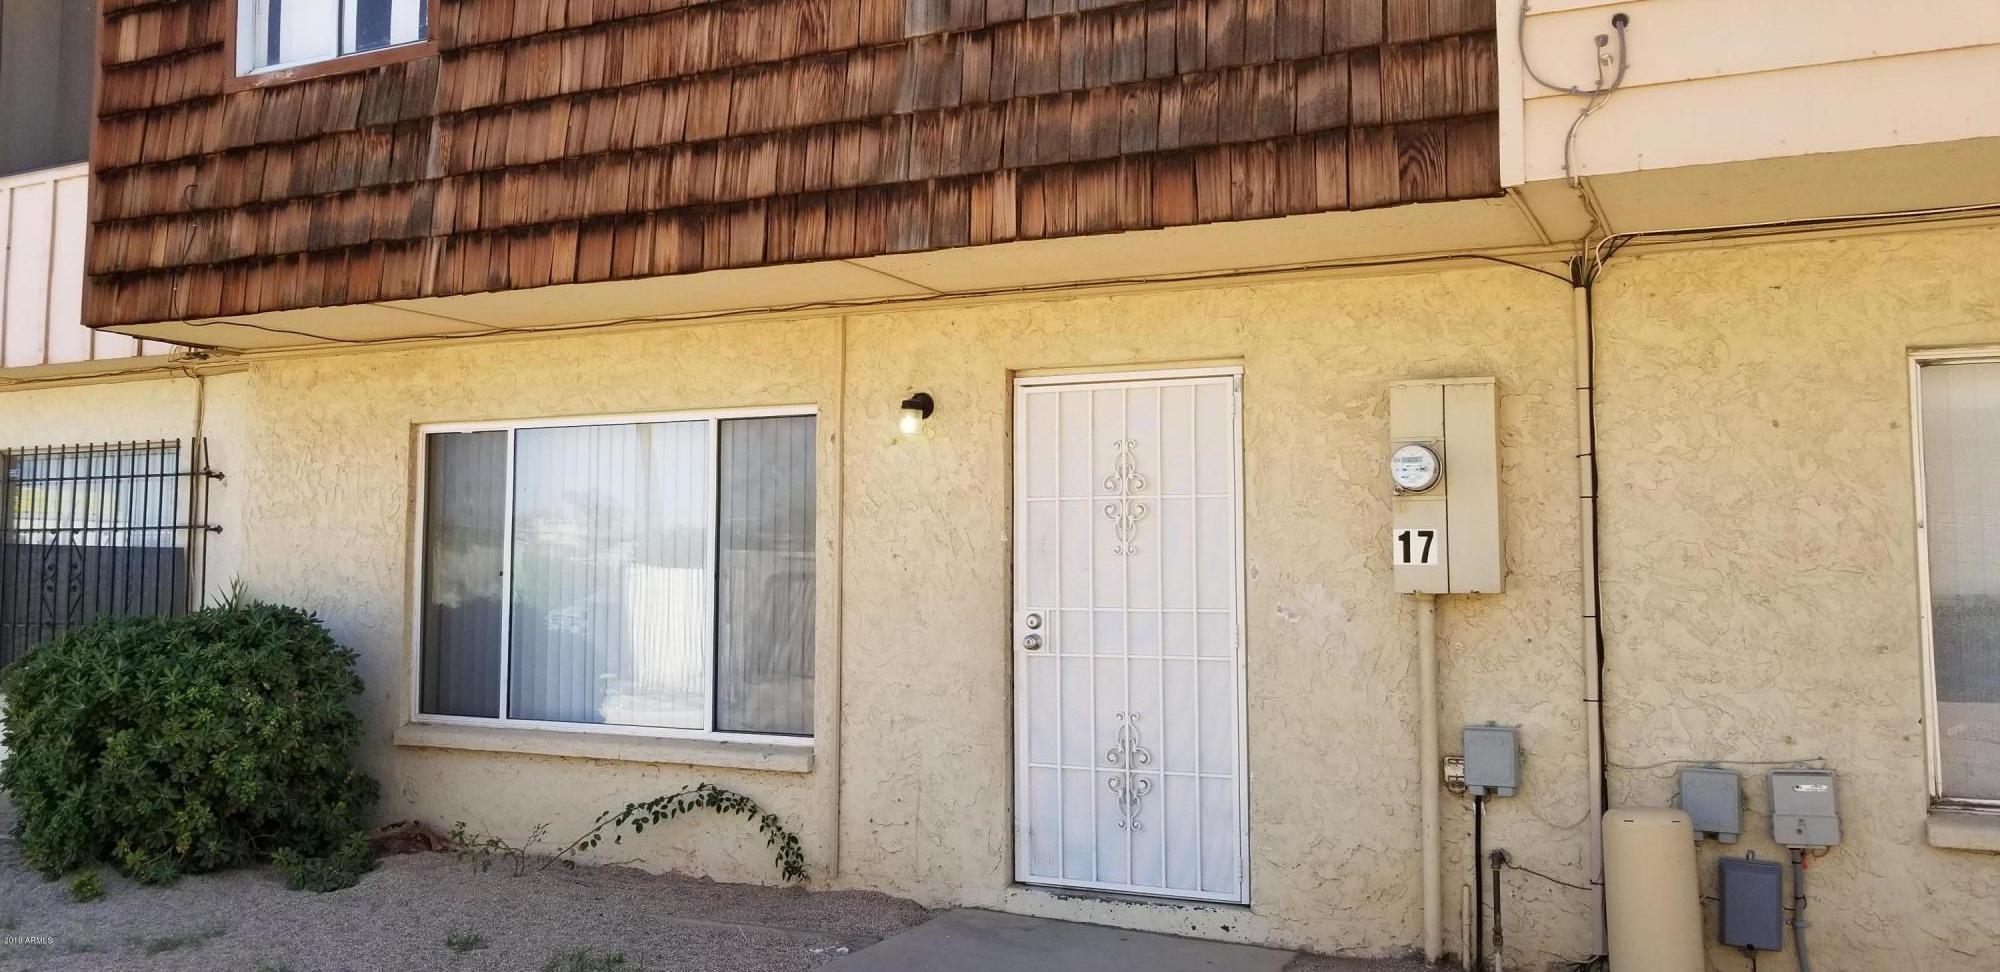 Photo of 3605 W BETHANY HOME Road #17, Phoenix, AZ 85019